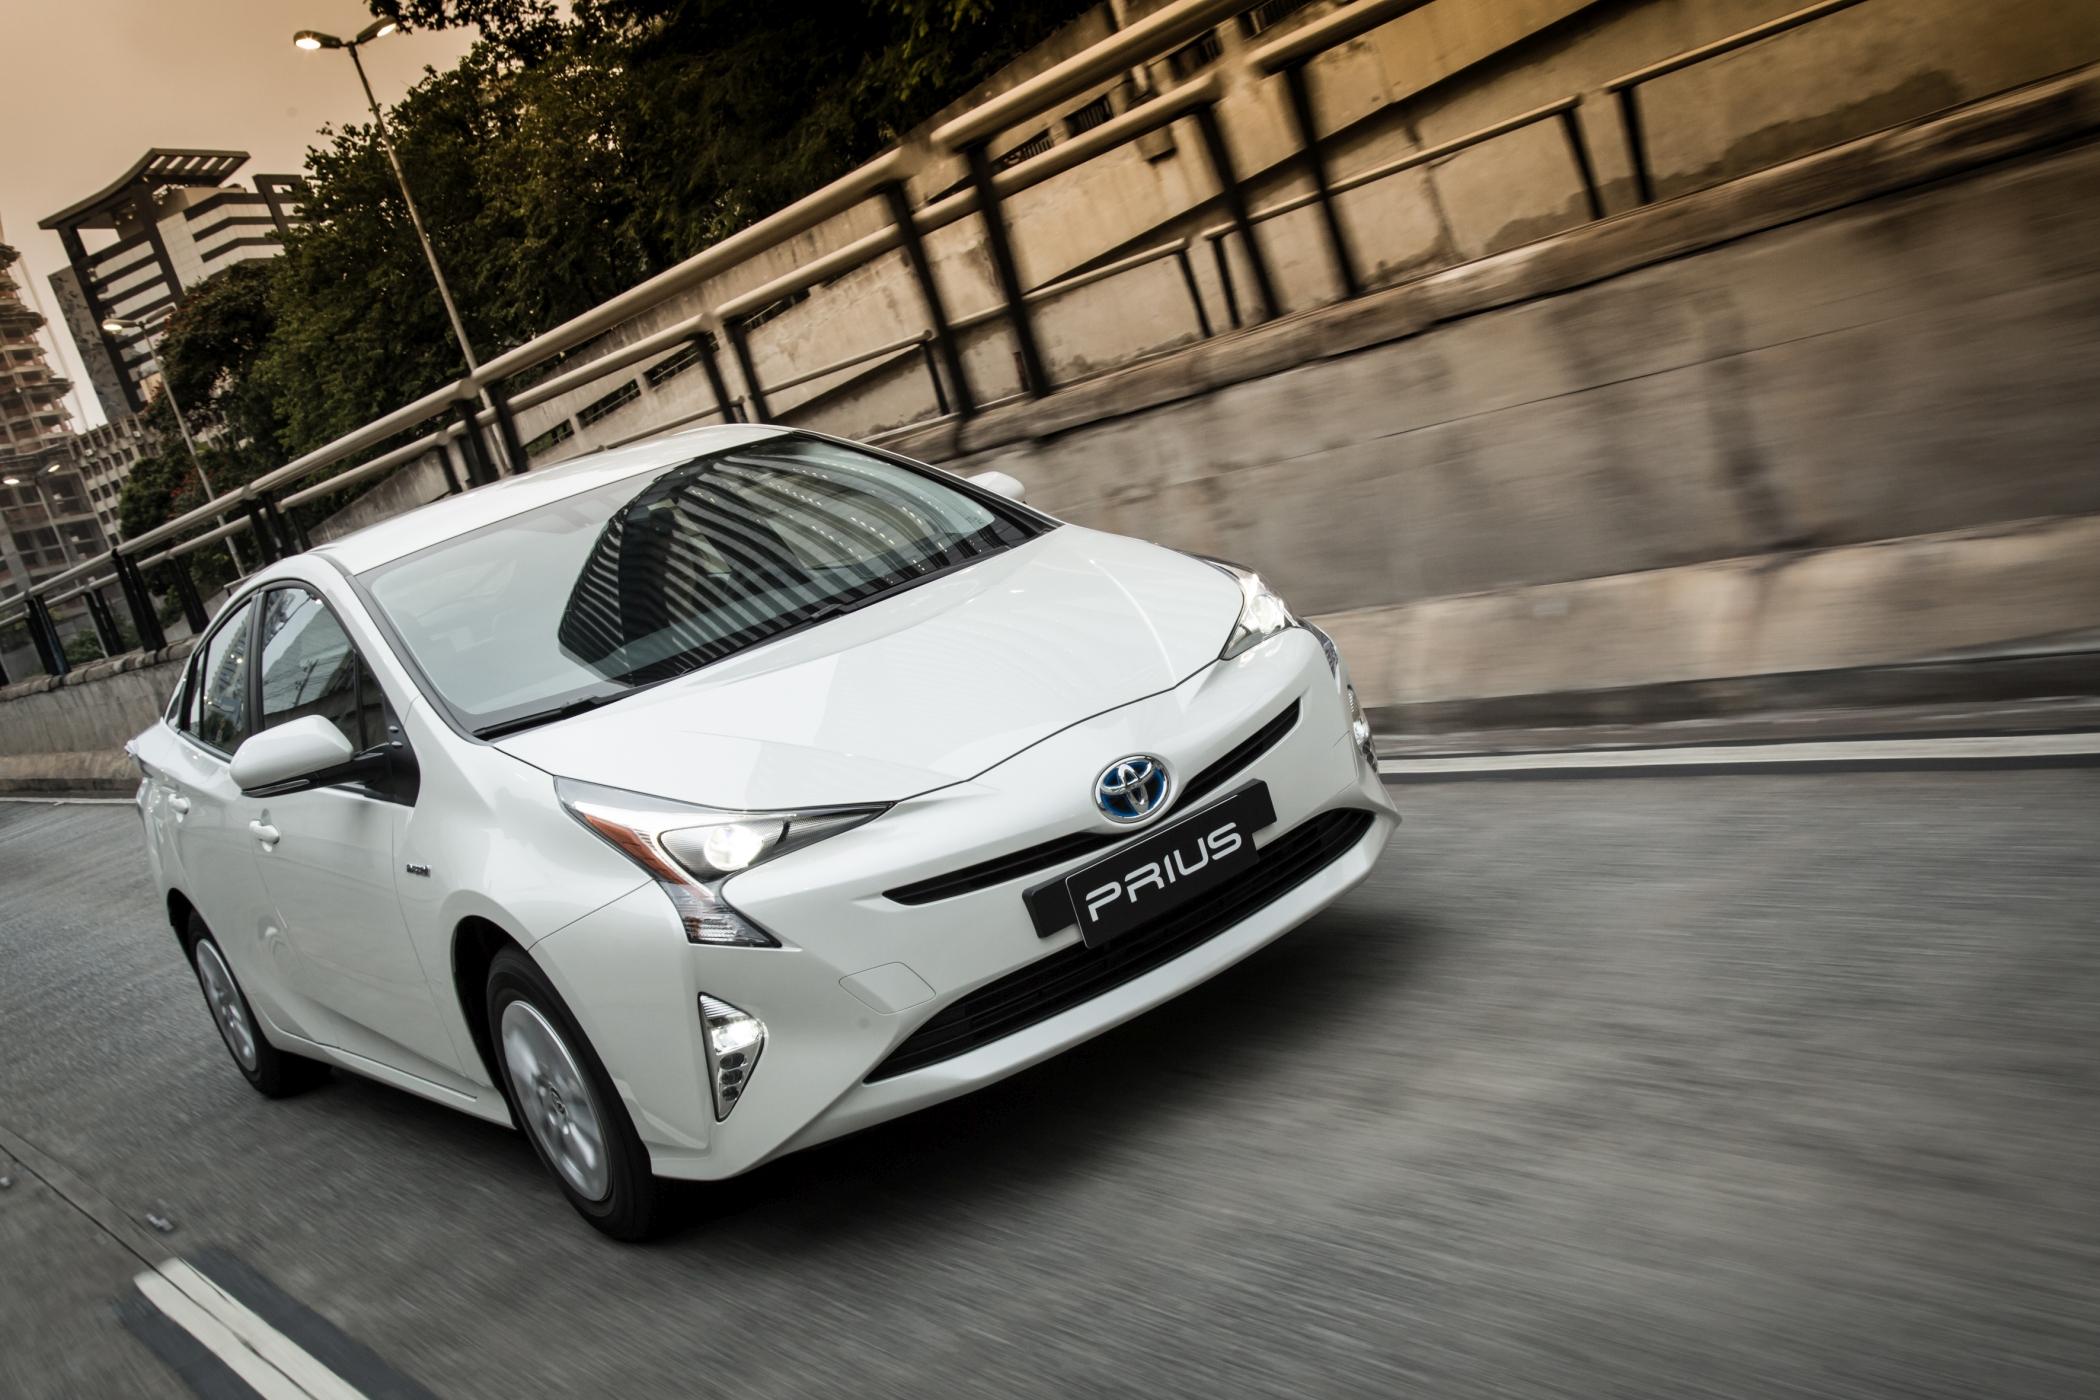 Toyota convoca quatro modelos para recall em razão de falhas no funcionamento dos sensores de airbags. Hilux, Sw4, Prius e NX 200t sãoalvo da ação.